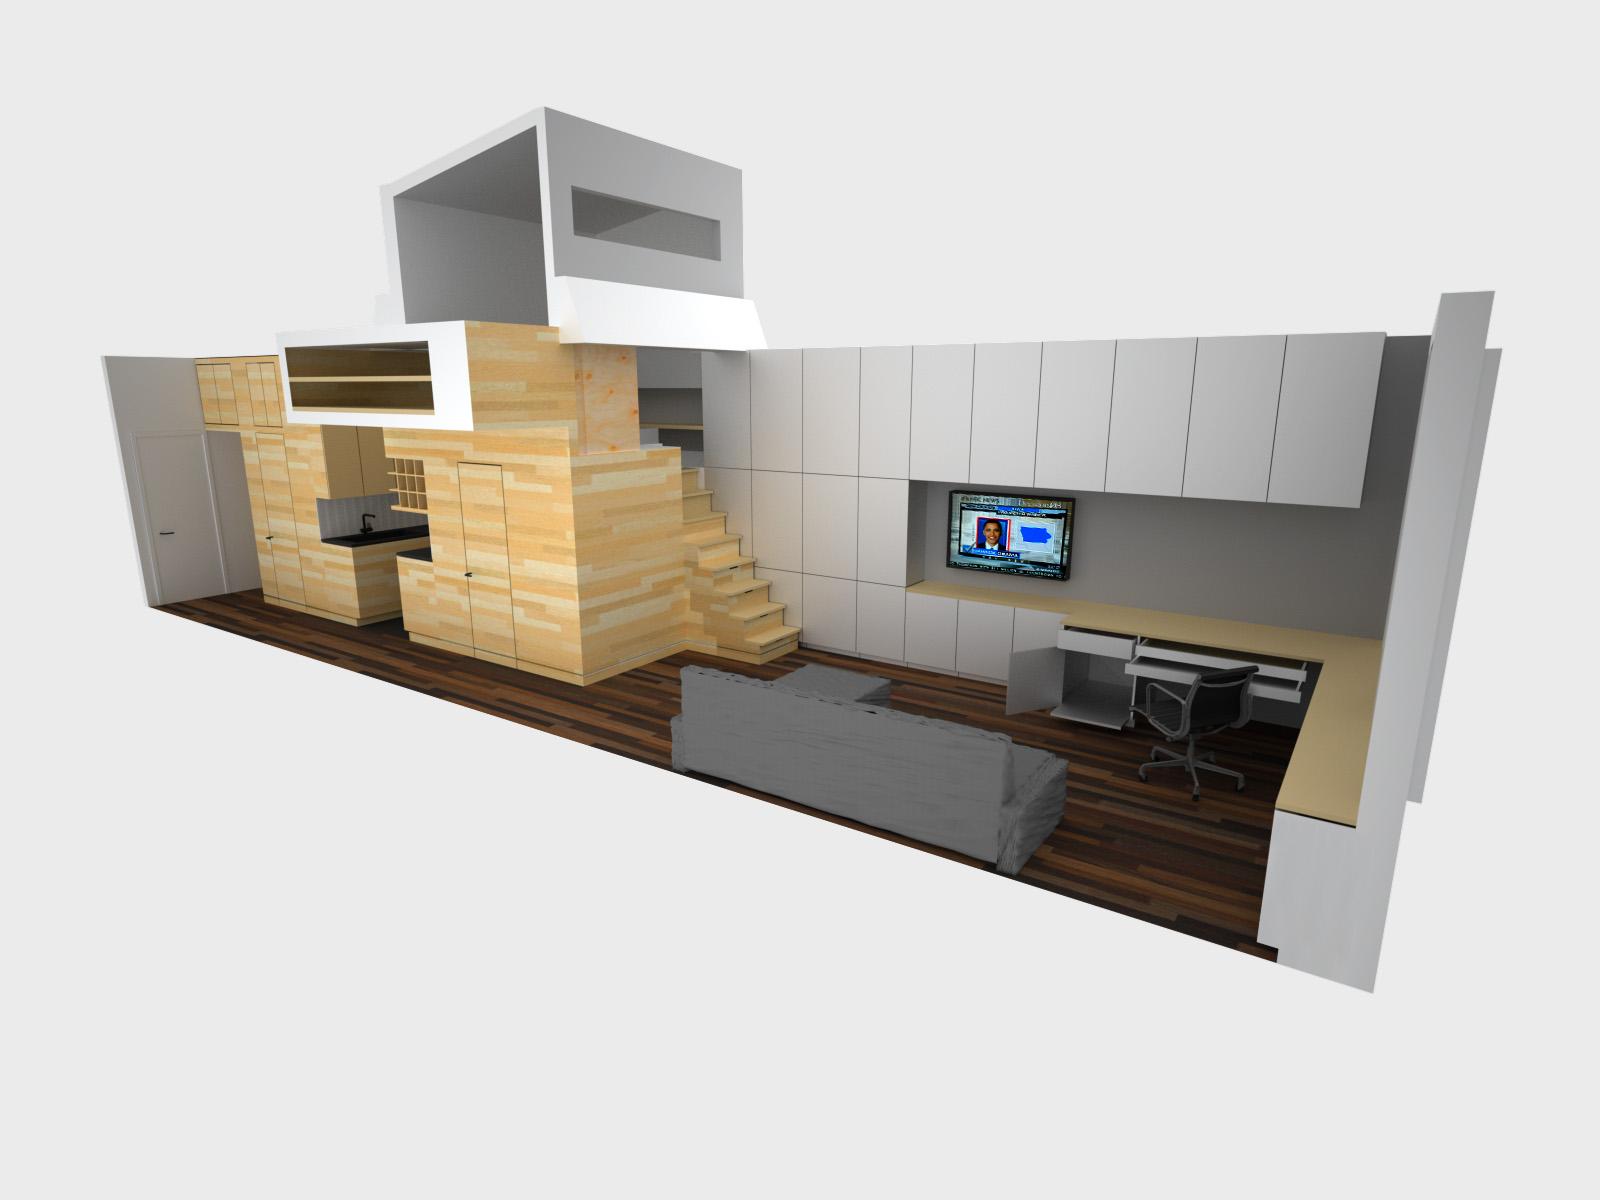 Планировка интерьера в квартире